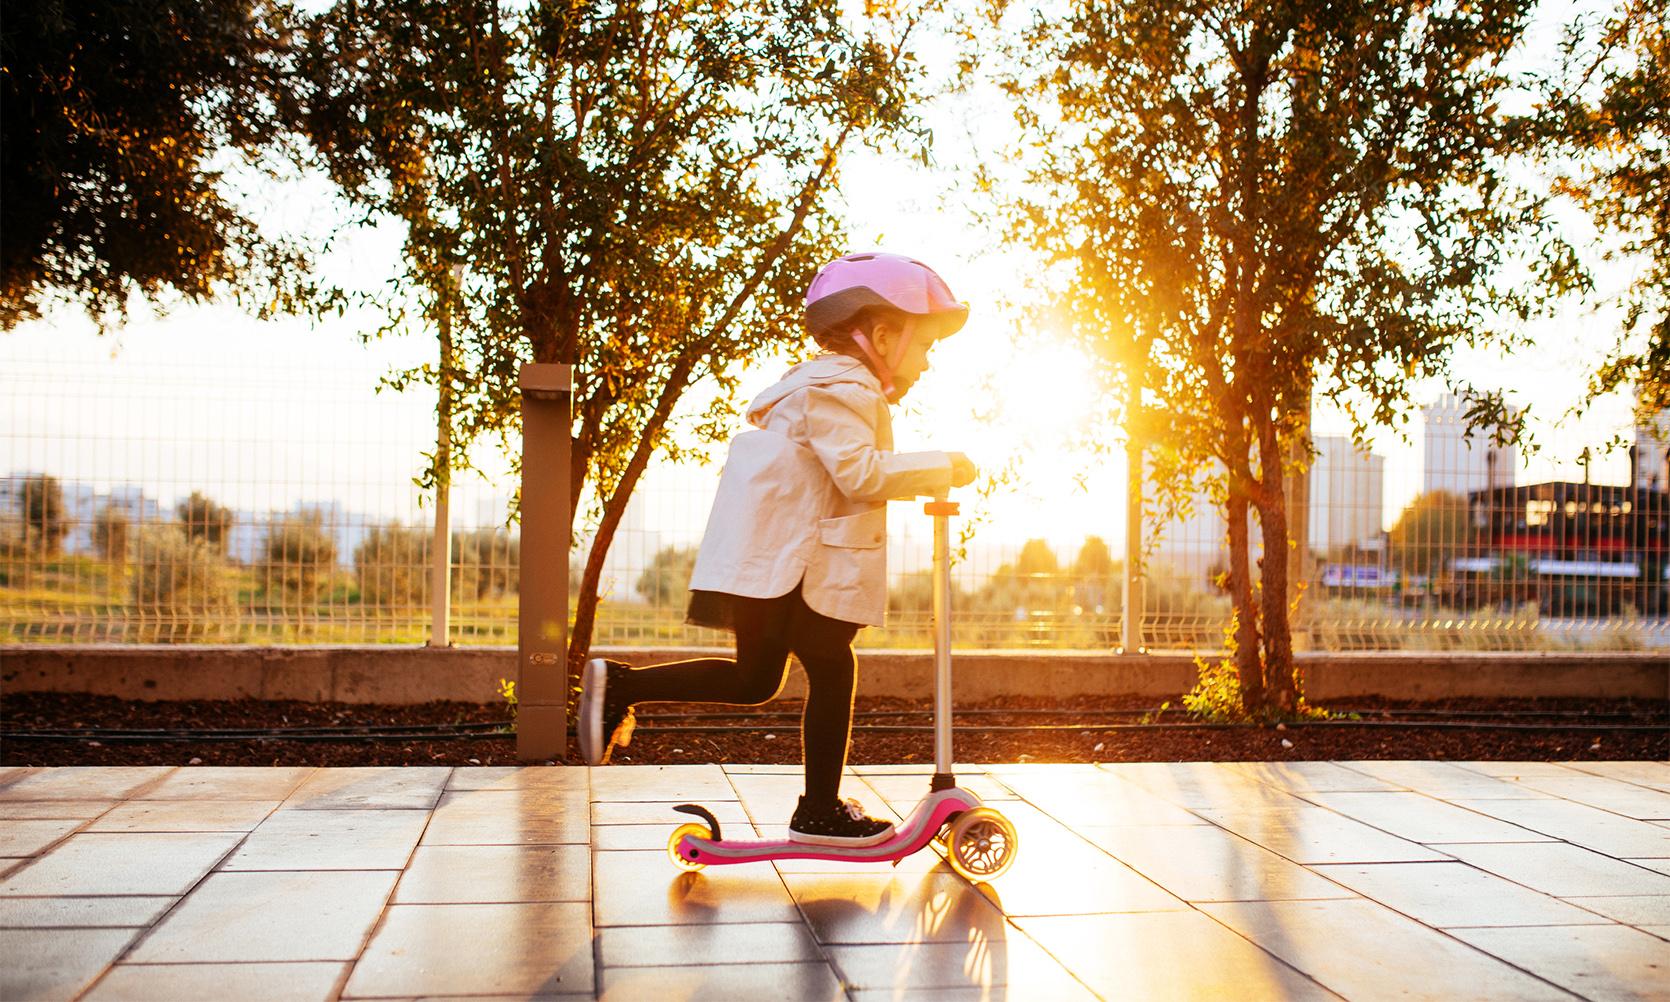 Zabawa na dworze – czy warto kupić hulajnogę dla dwulatka?/fot. iStock